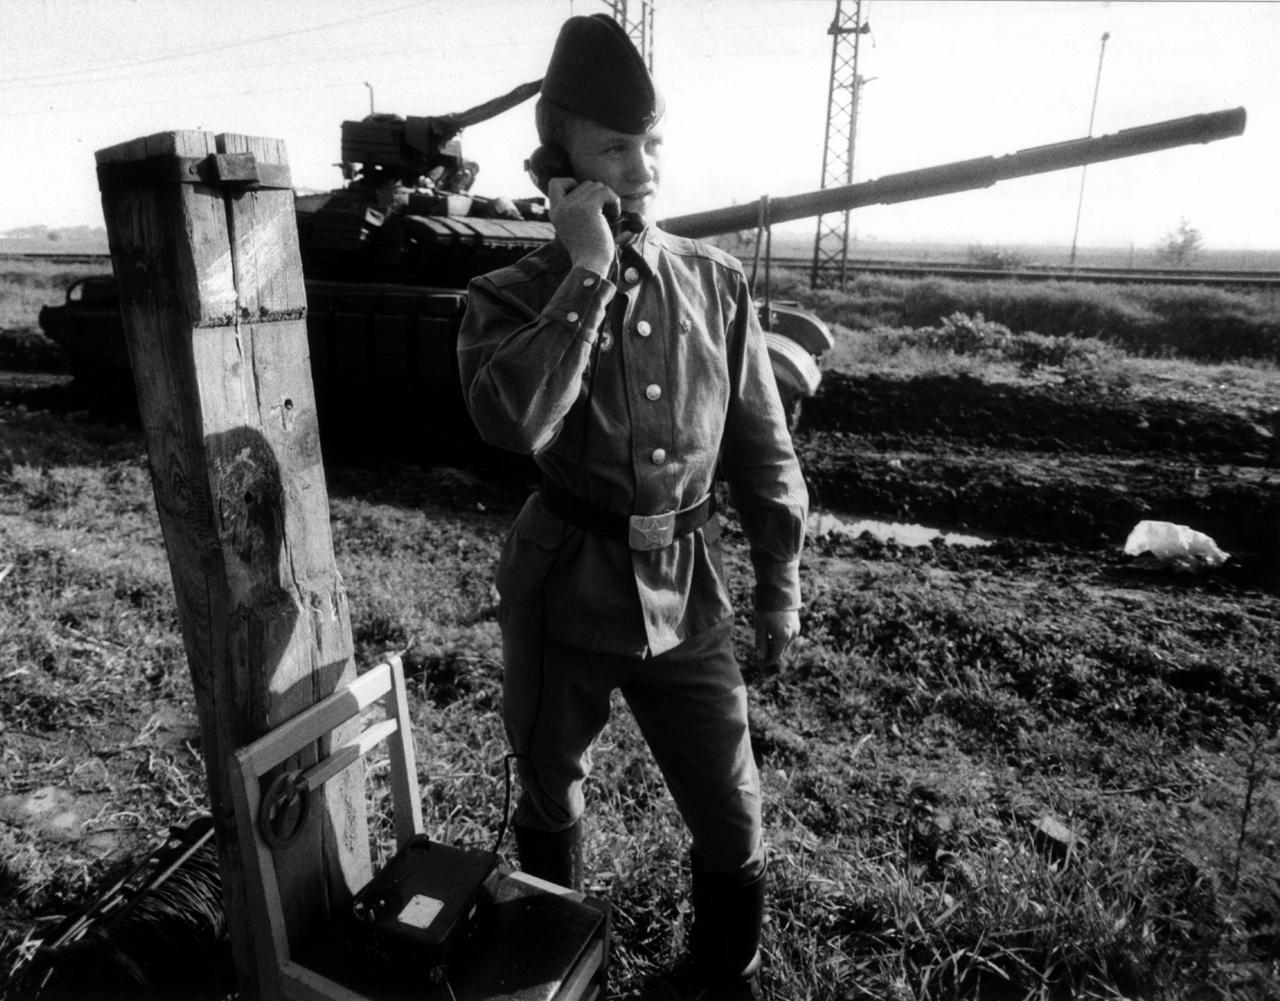 Megkezdik a kivonulást az első szovjet páncélos csapatok, Kiskunhalas, 1989. április 11.